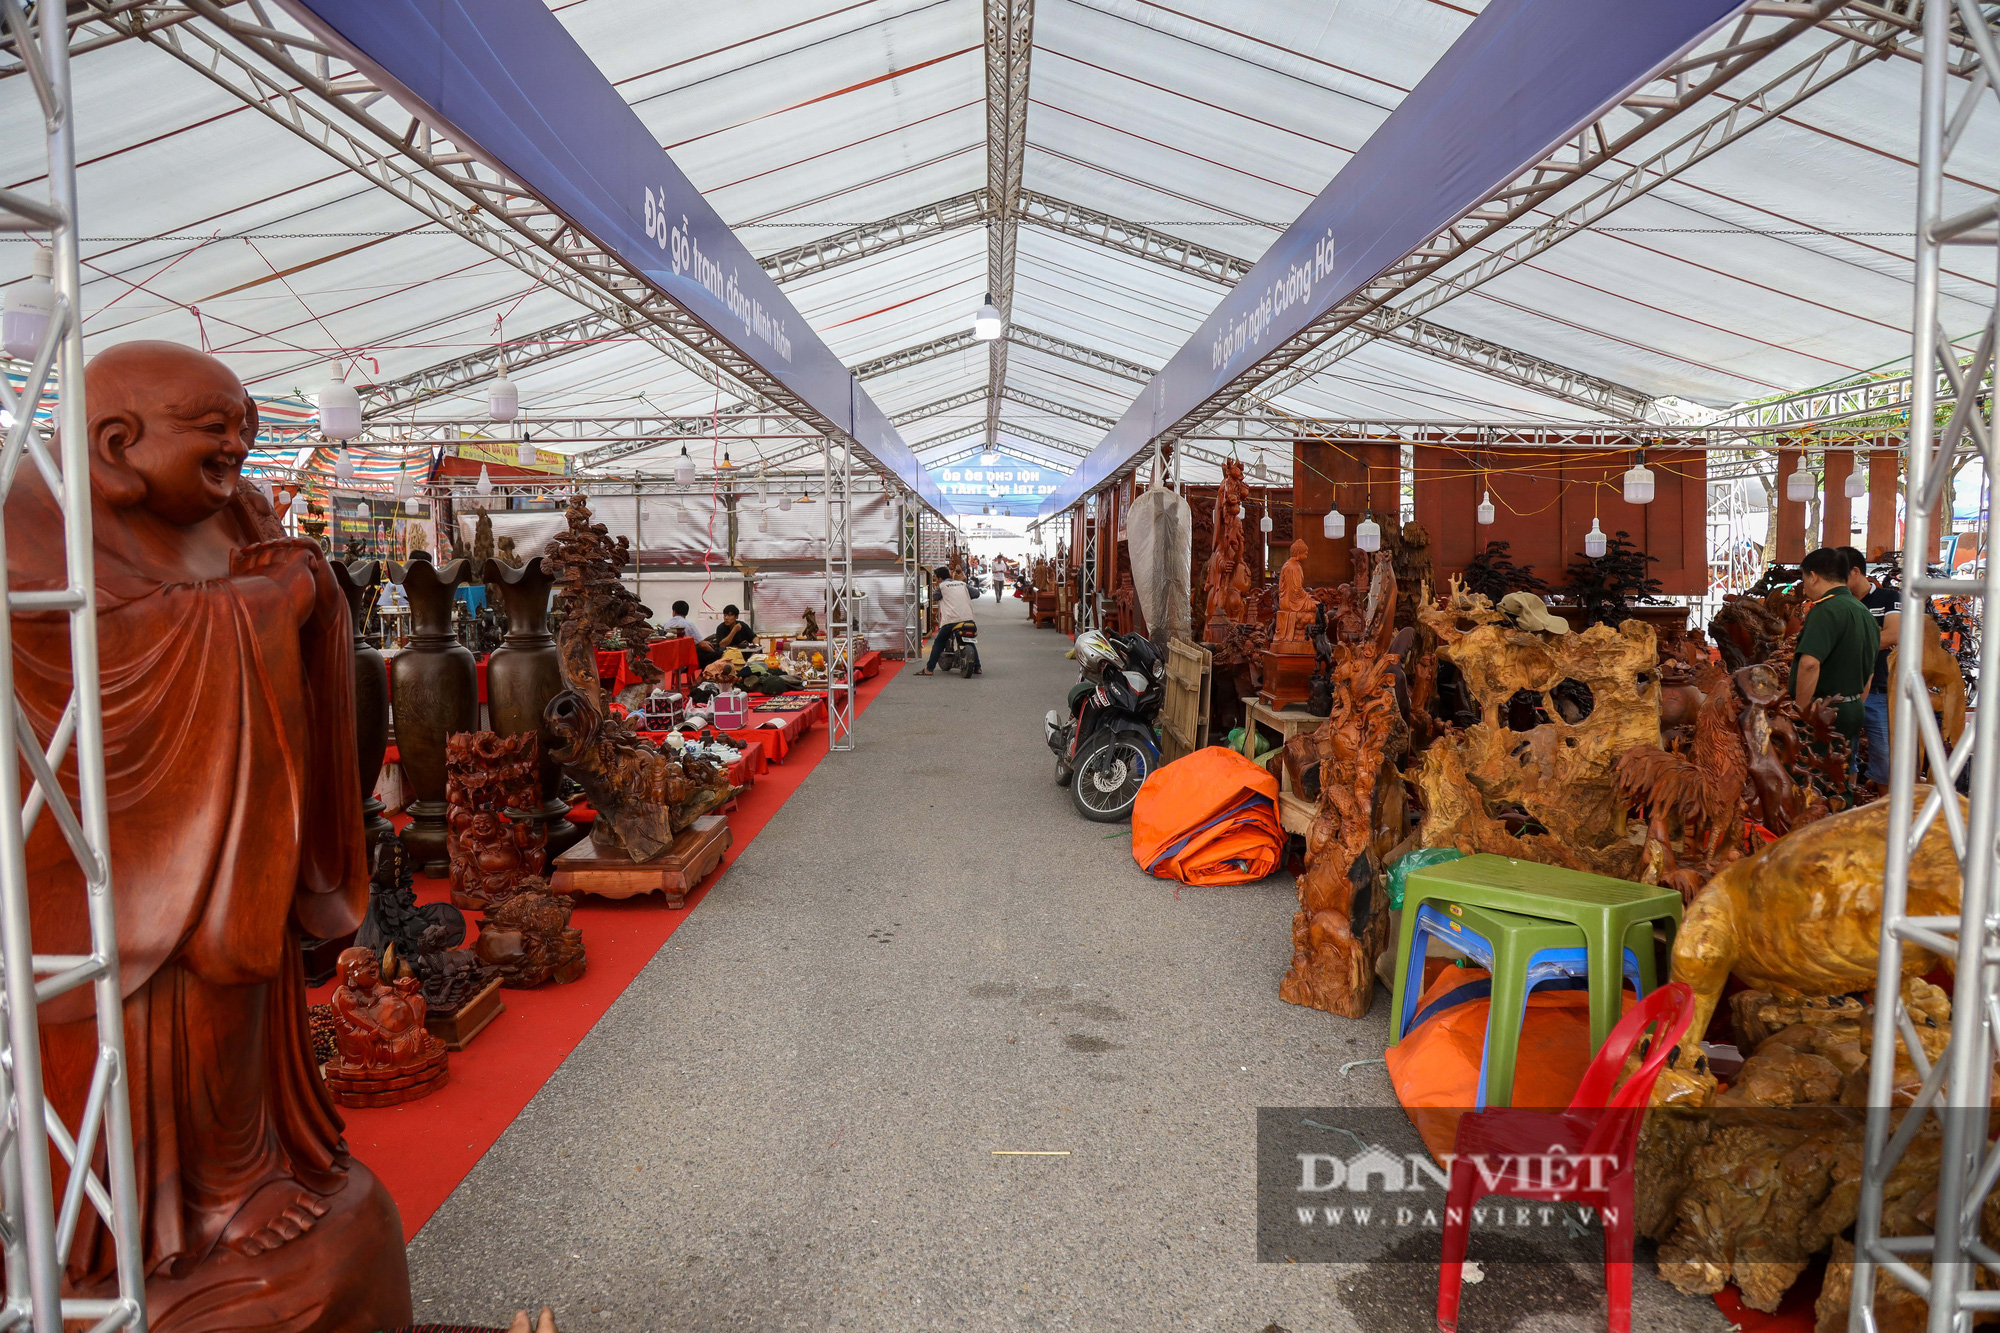 Ngỡ ngàng khúc gỗ 10 tỷ đồng ở hội chợ đồ gỗ Hà Nội - Ảnh 13.